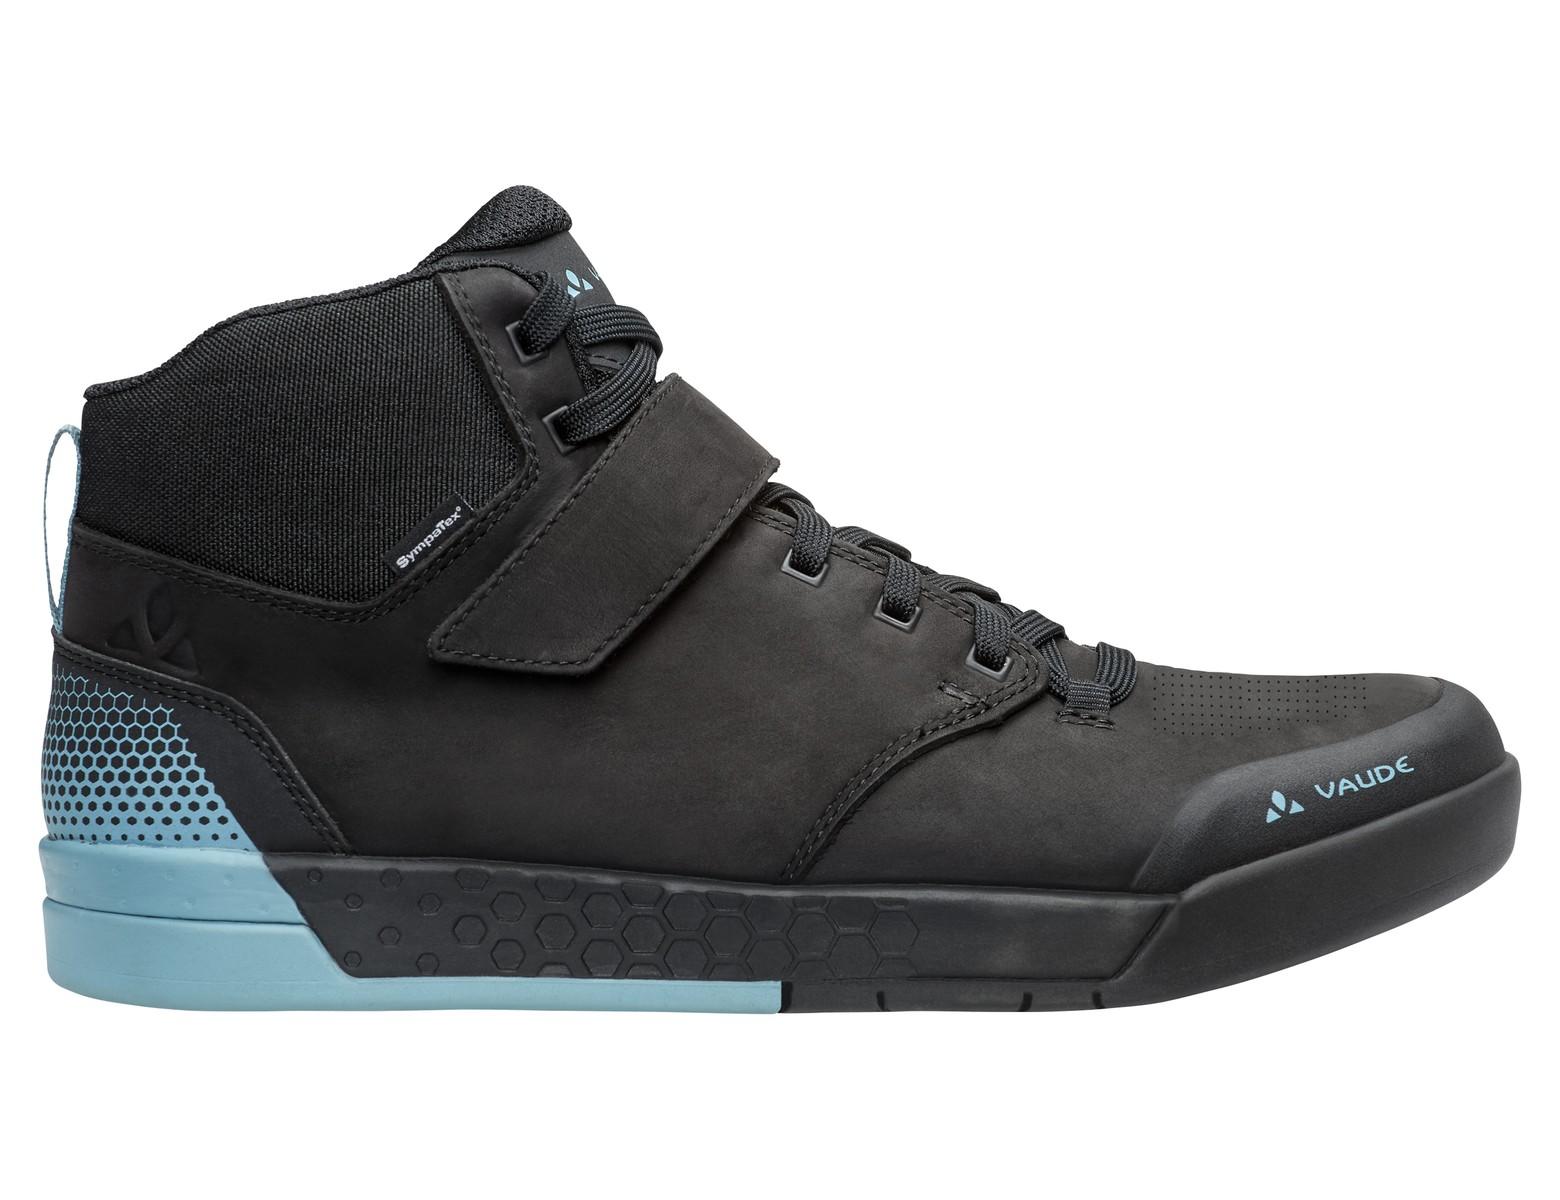 Vaude AM Moab Mid STX - Chaussures VTT